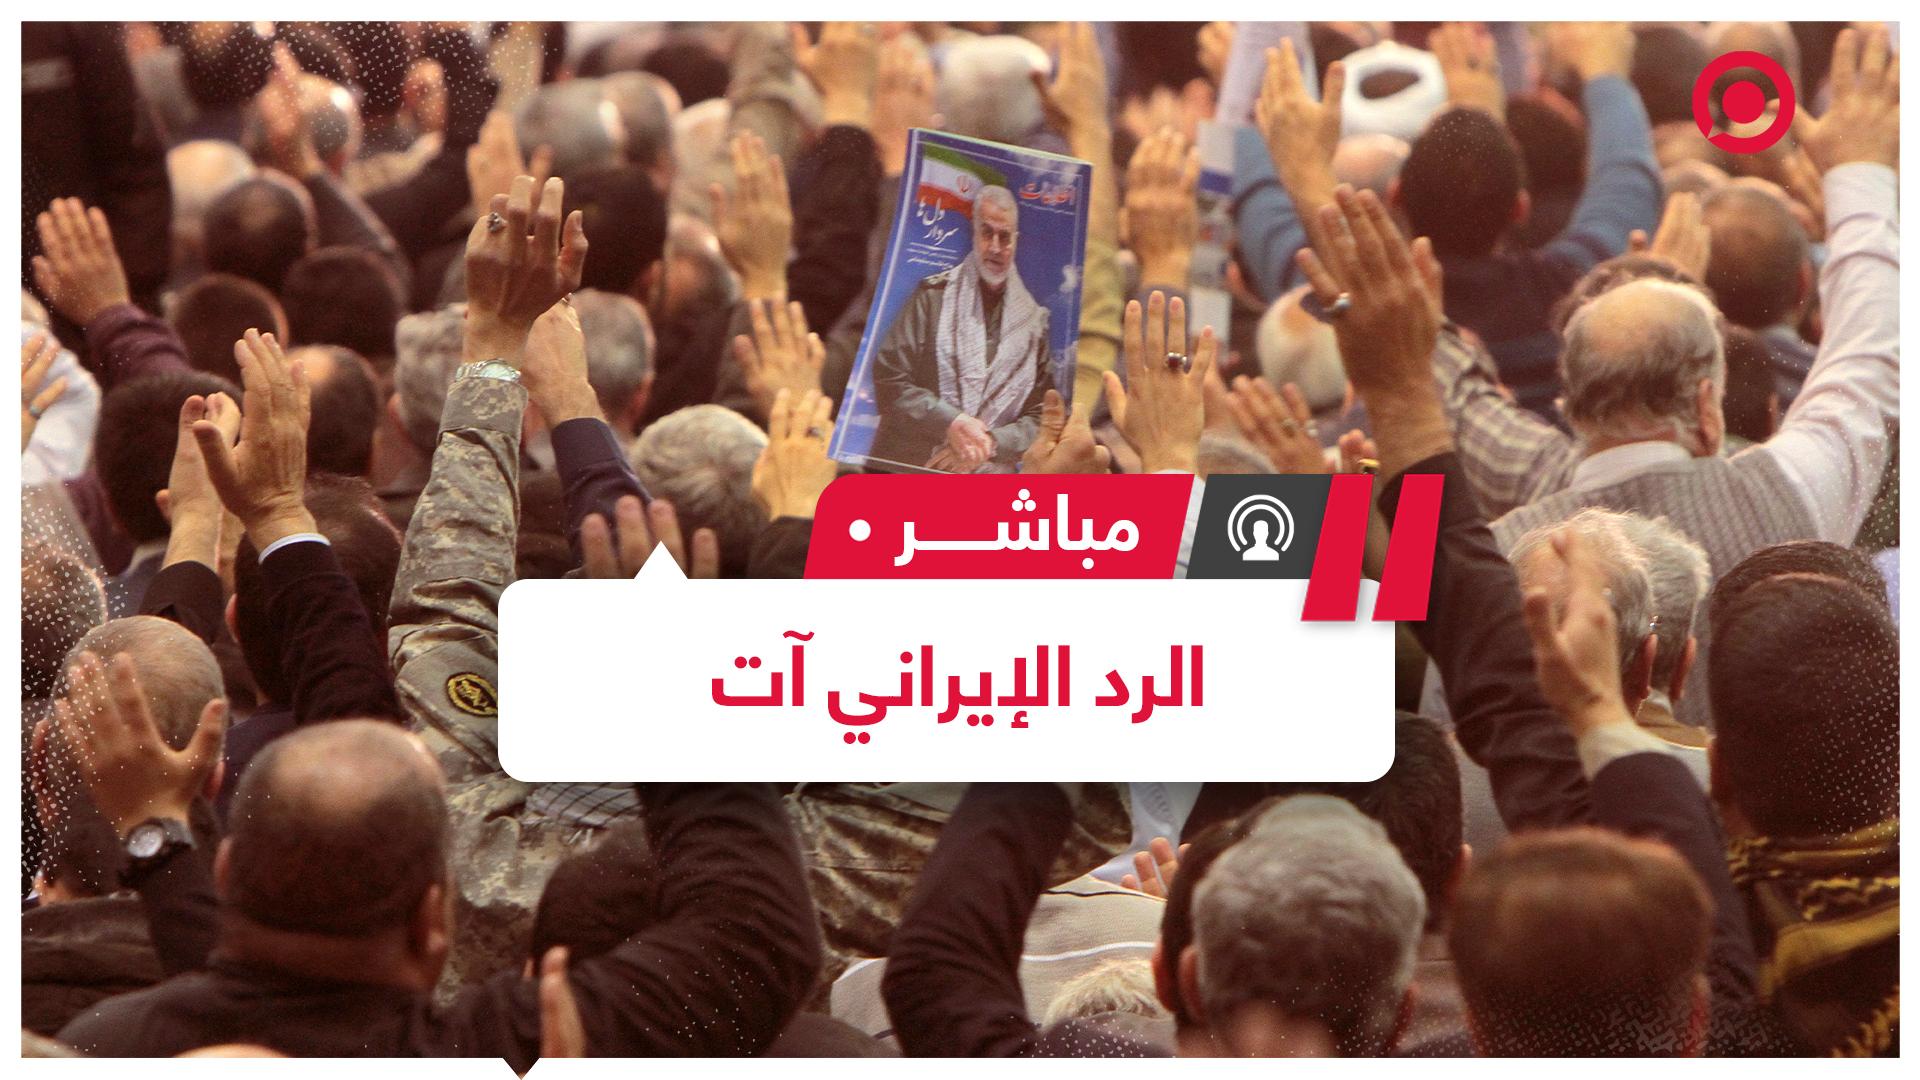 الرد الإيراني آت.. تصريحات إيرانية تنذر بتصعيد قادم